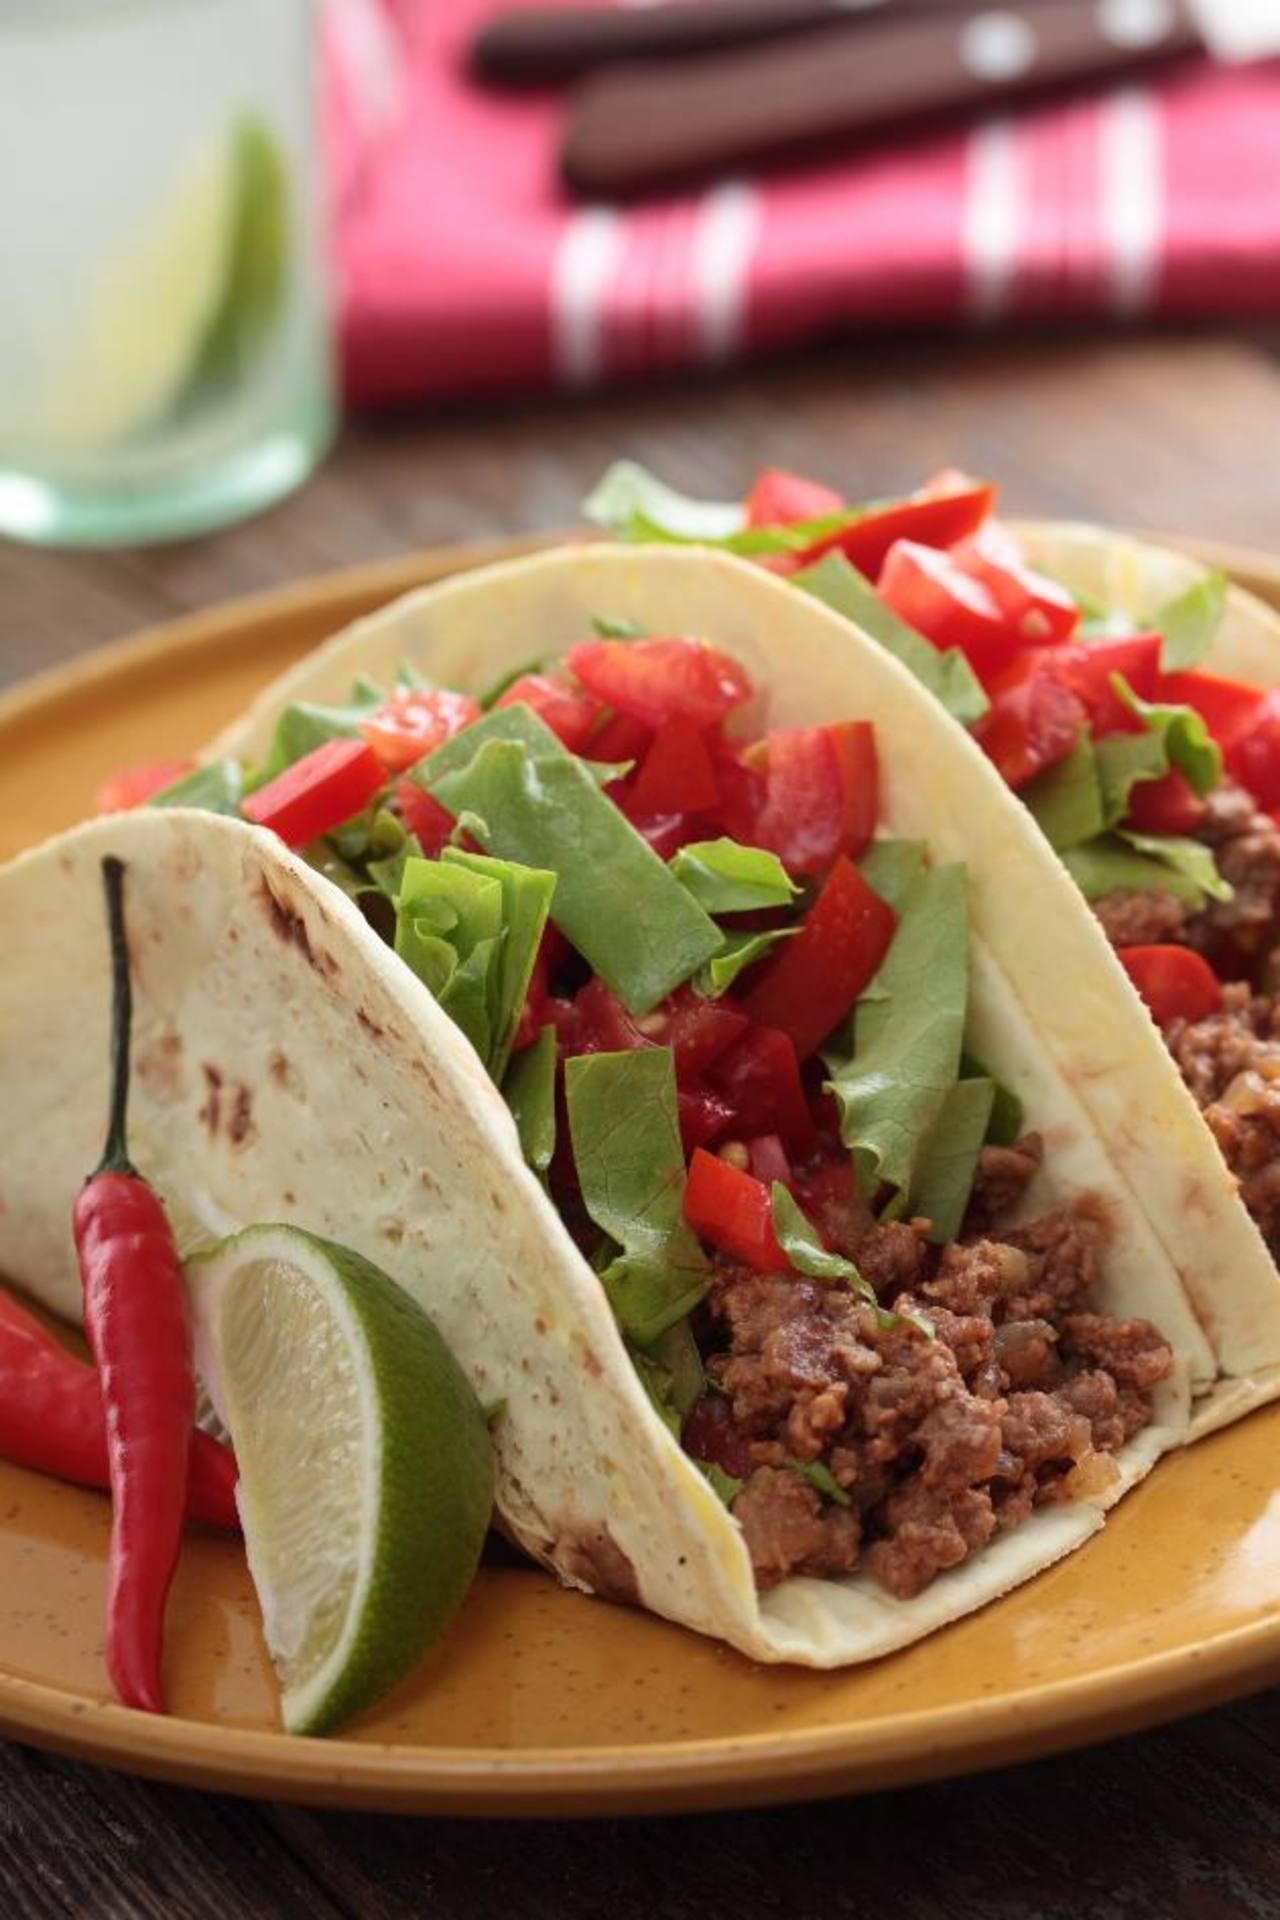 Los tacos, un platillo que encanta a todos. Aprenda novedosas recetas para preparara diferentes opciones. Foto EDH